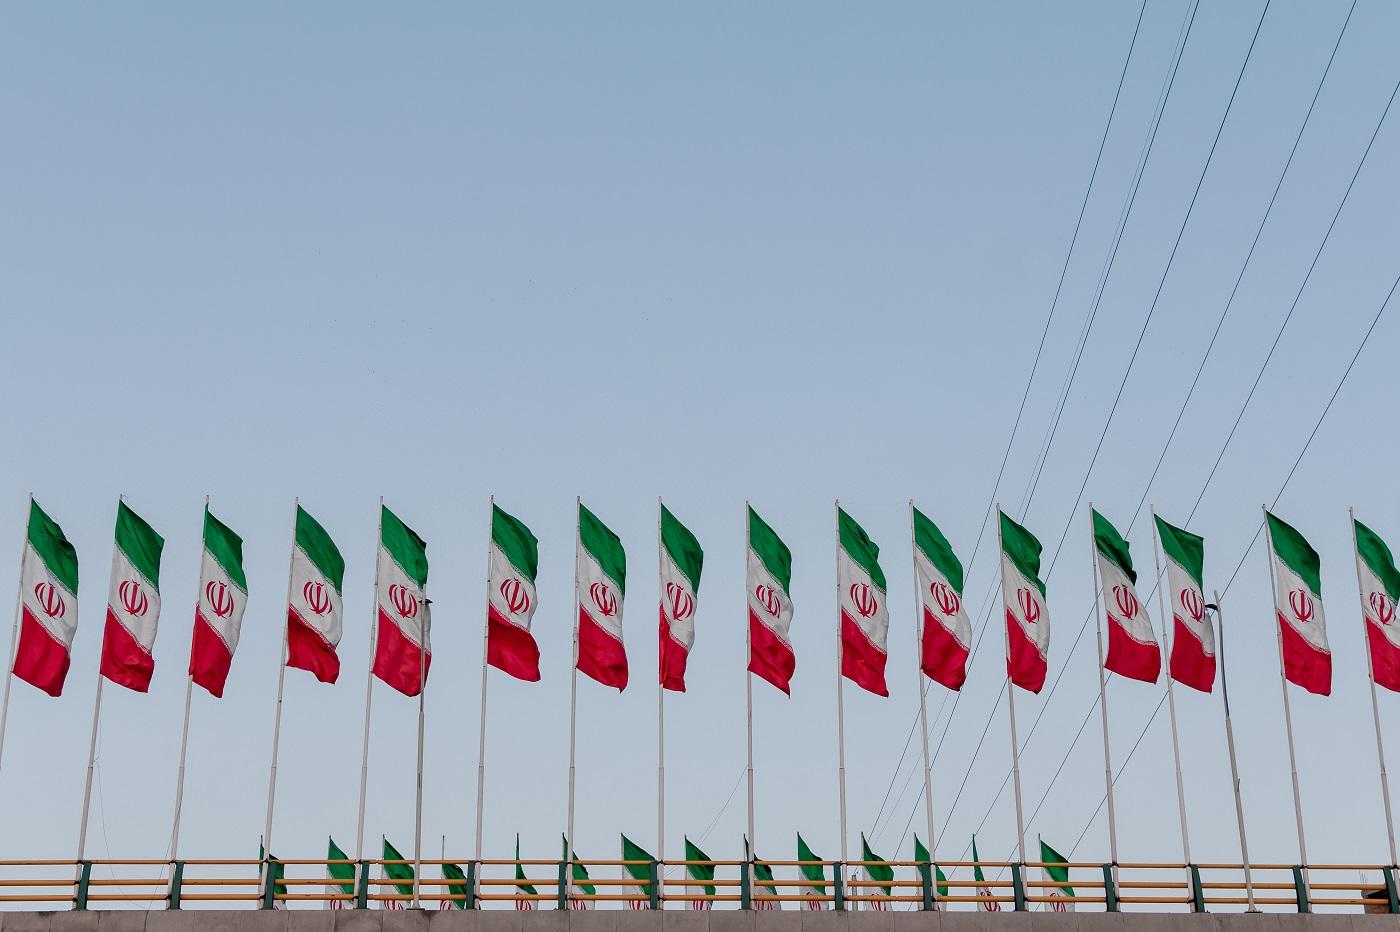 Un groupe lié au gouvernement iranien a tenté de pirater des responsables politiques américains